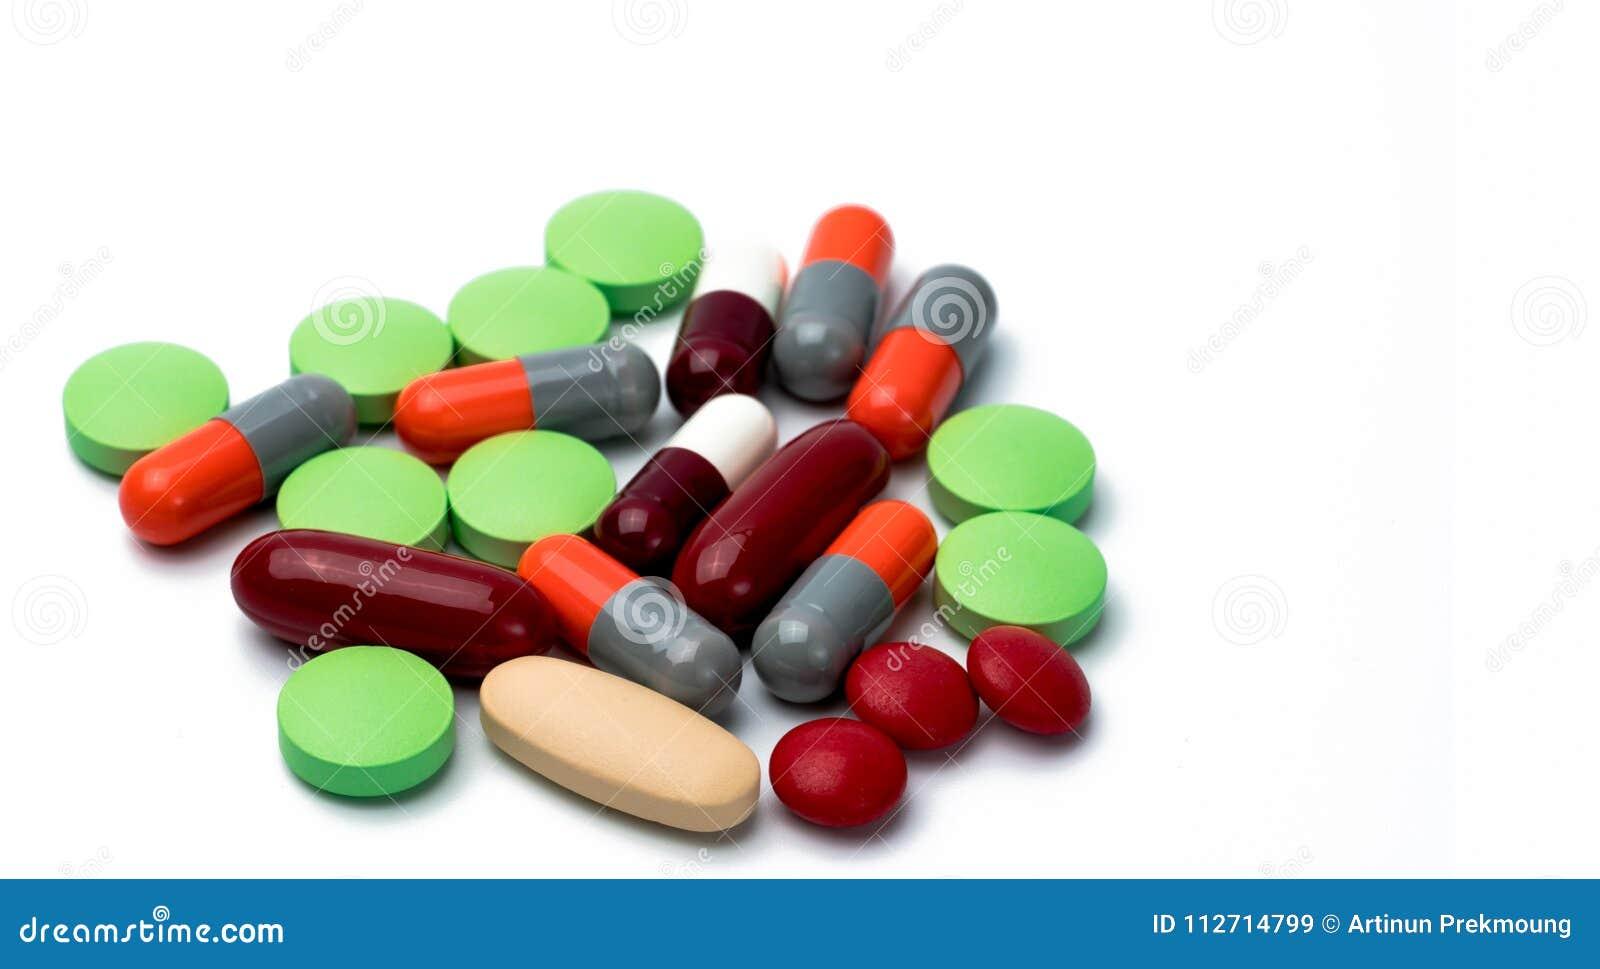 Σωρός των ζωηρόχρωμων ταμπλετών και των χαπιών καψών που απομονώνονται στο άσπρο υπόβαθρο Φάρμακο, βιταμίνη, συμπλήρωμα και βοταν